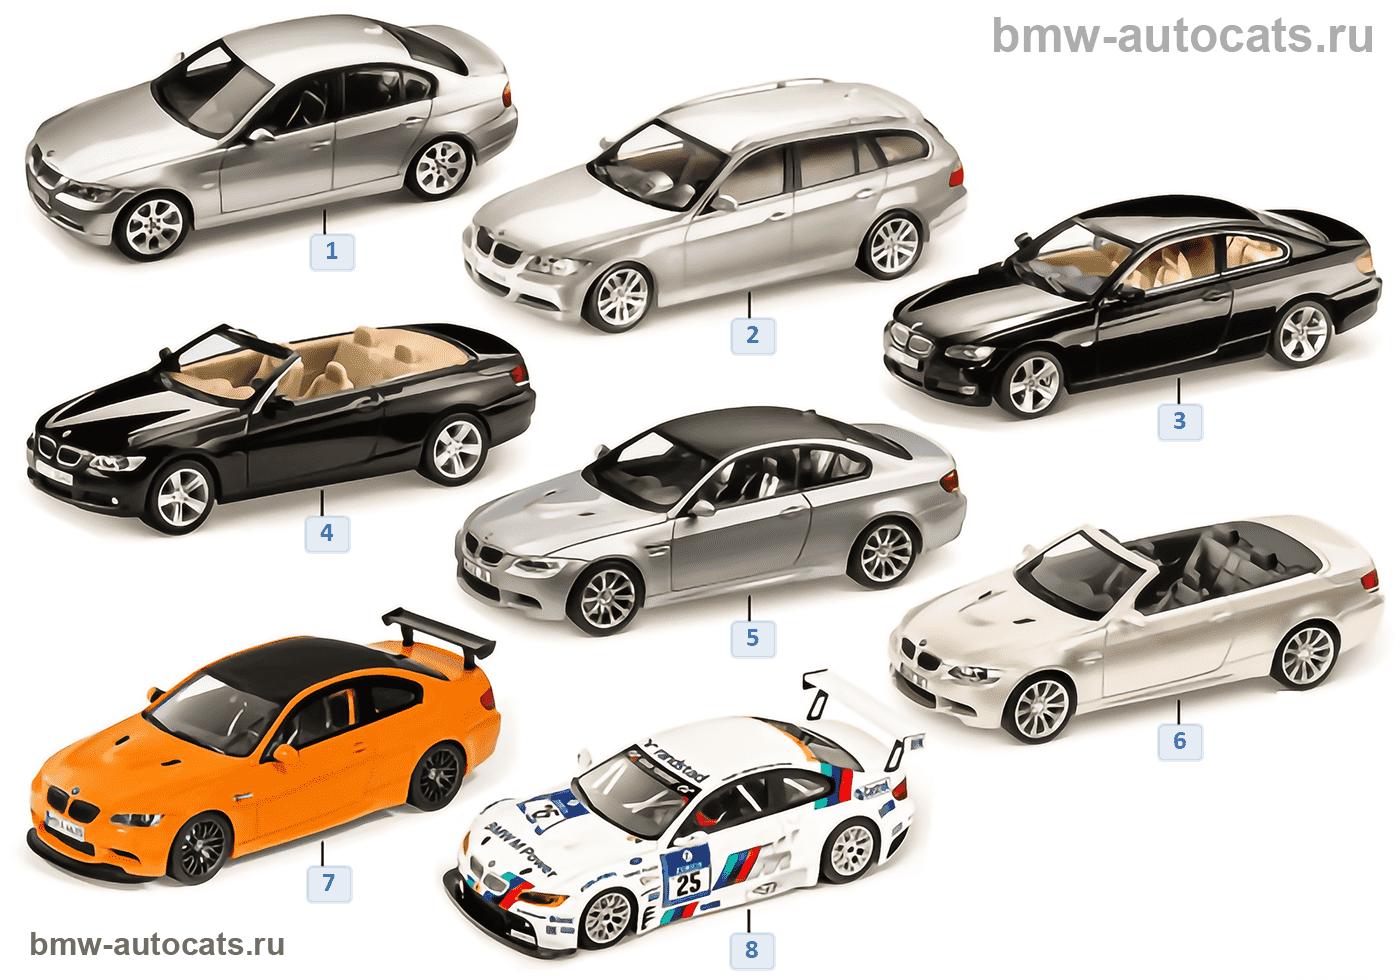 Миниат.модели BMW — BMW 3-й сер.2010/11